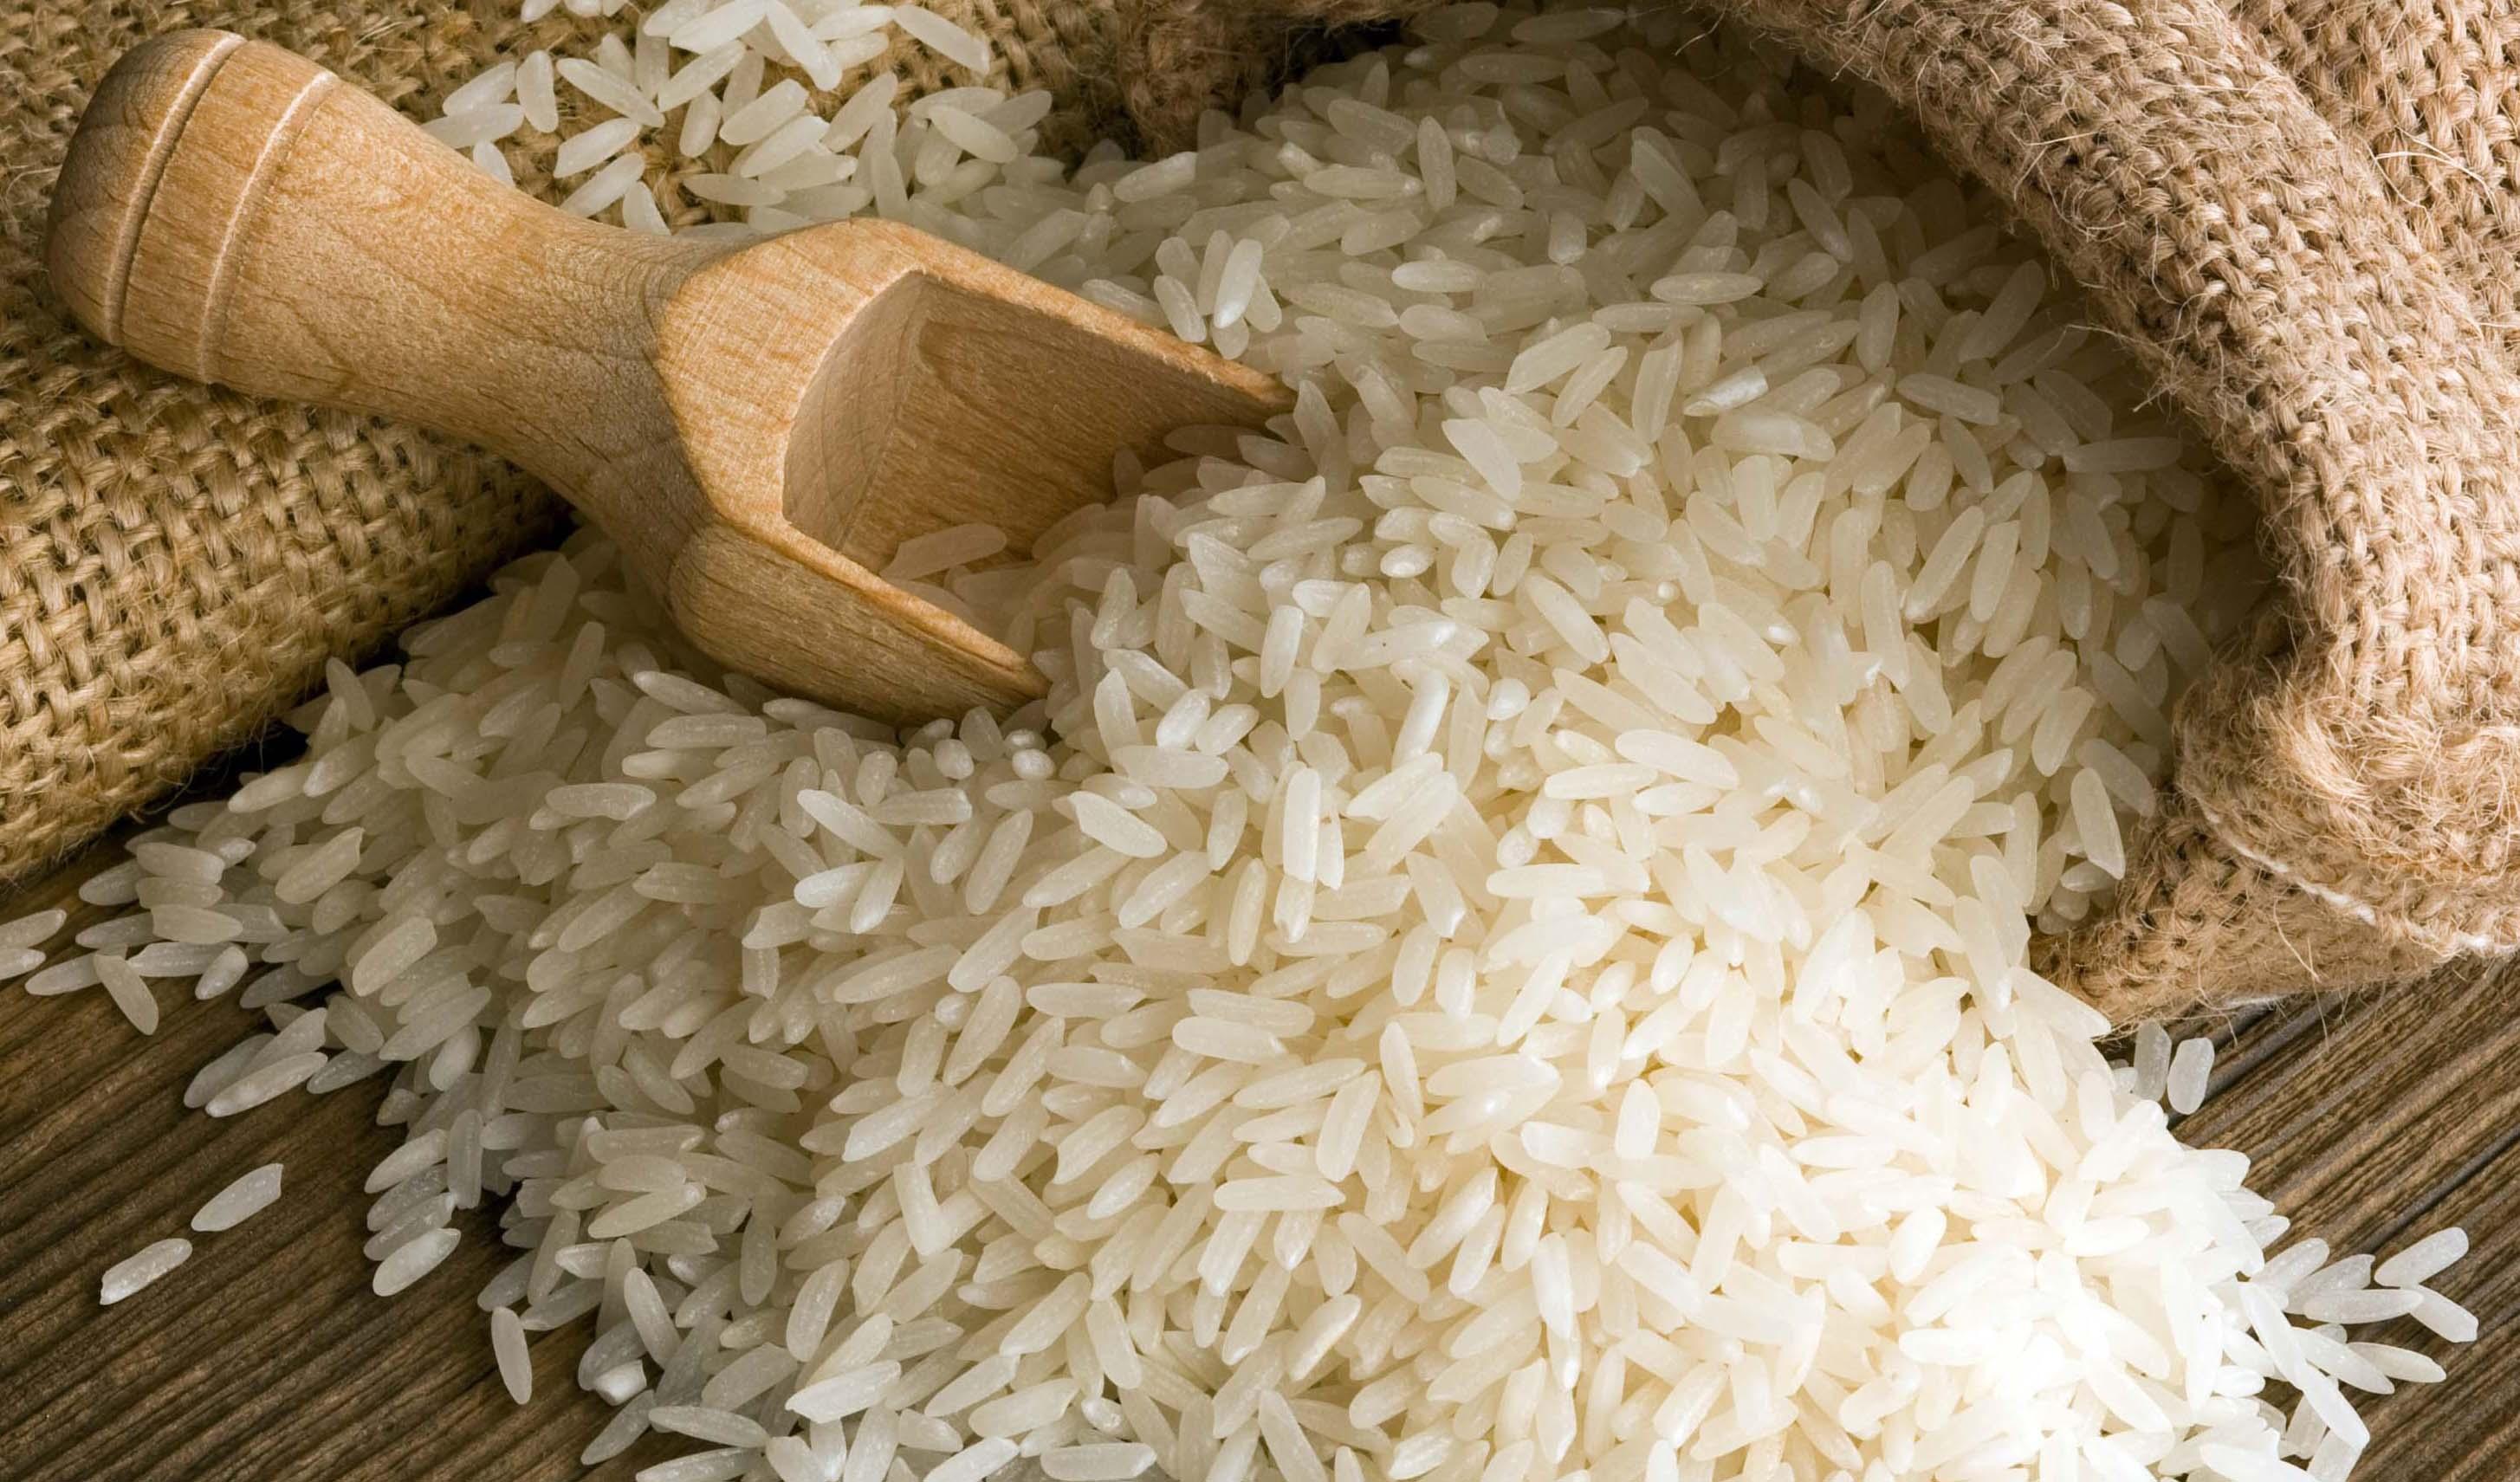 پیشبینی برداشت ۴/ ۲ میلیون تن برنج داخلی